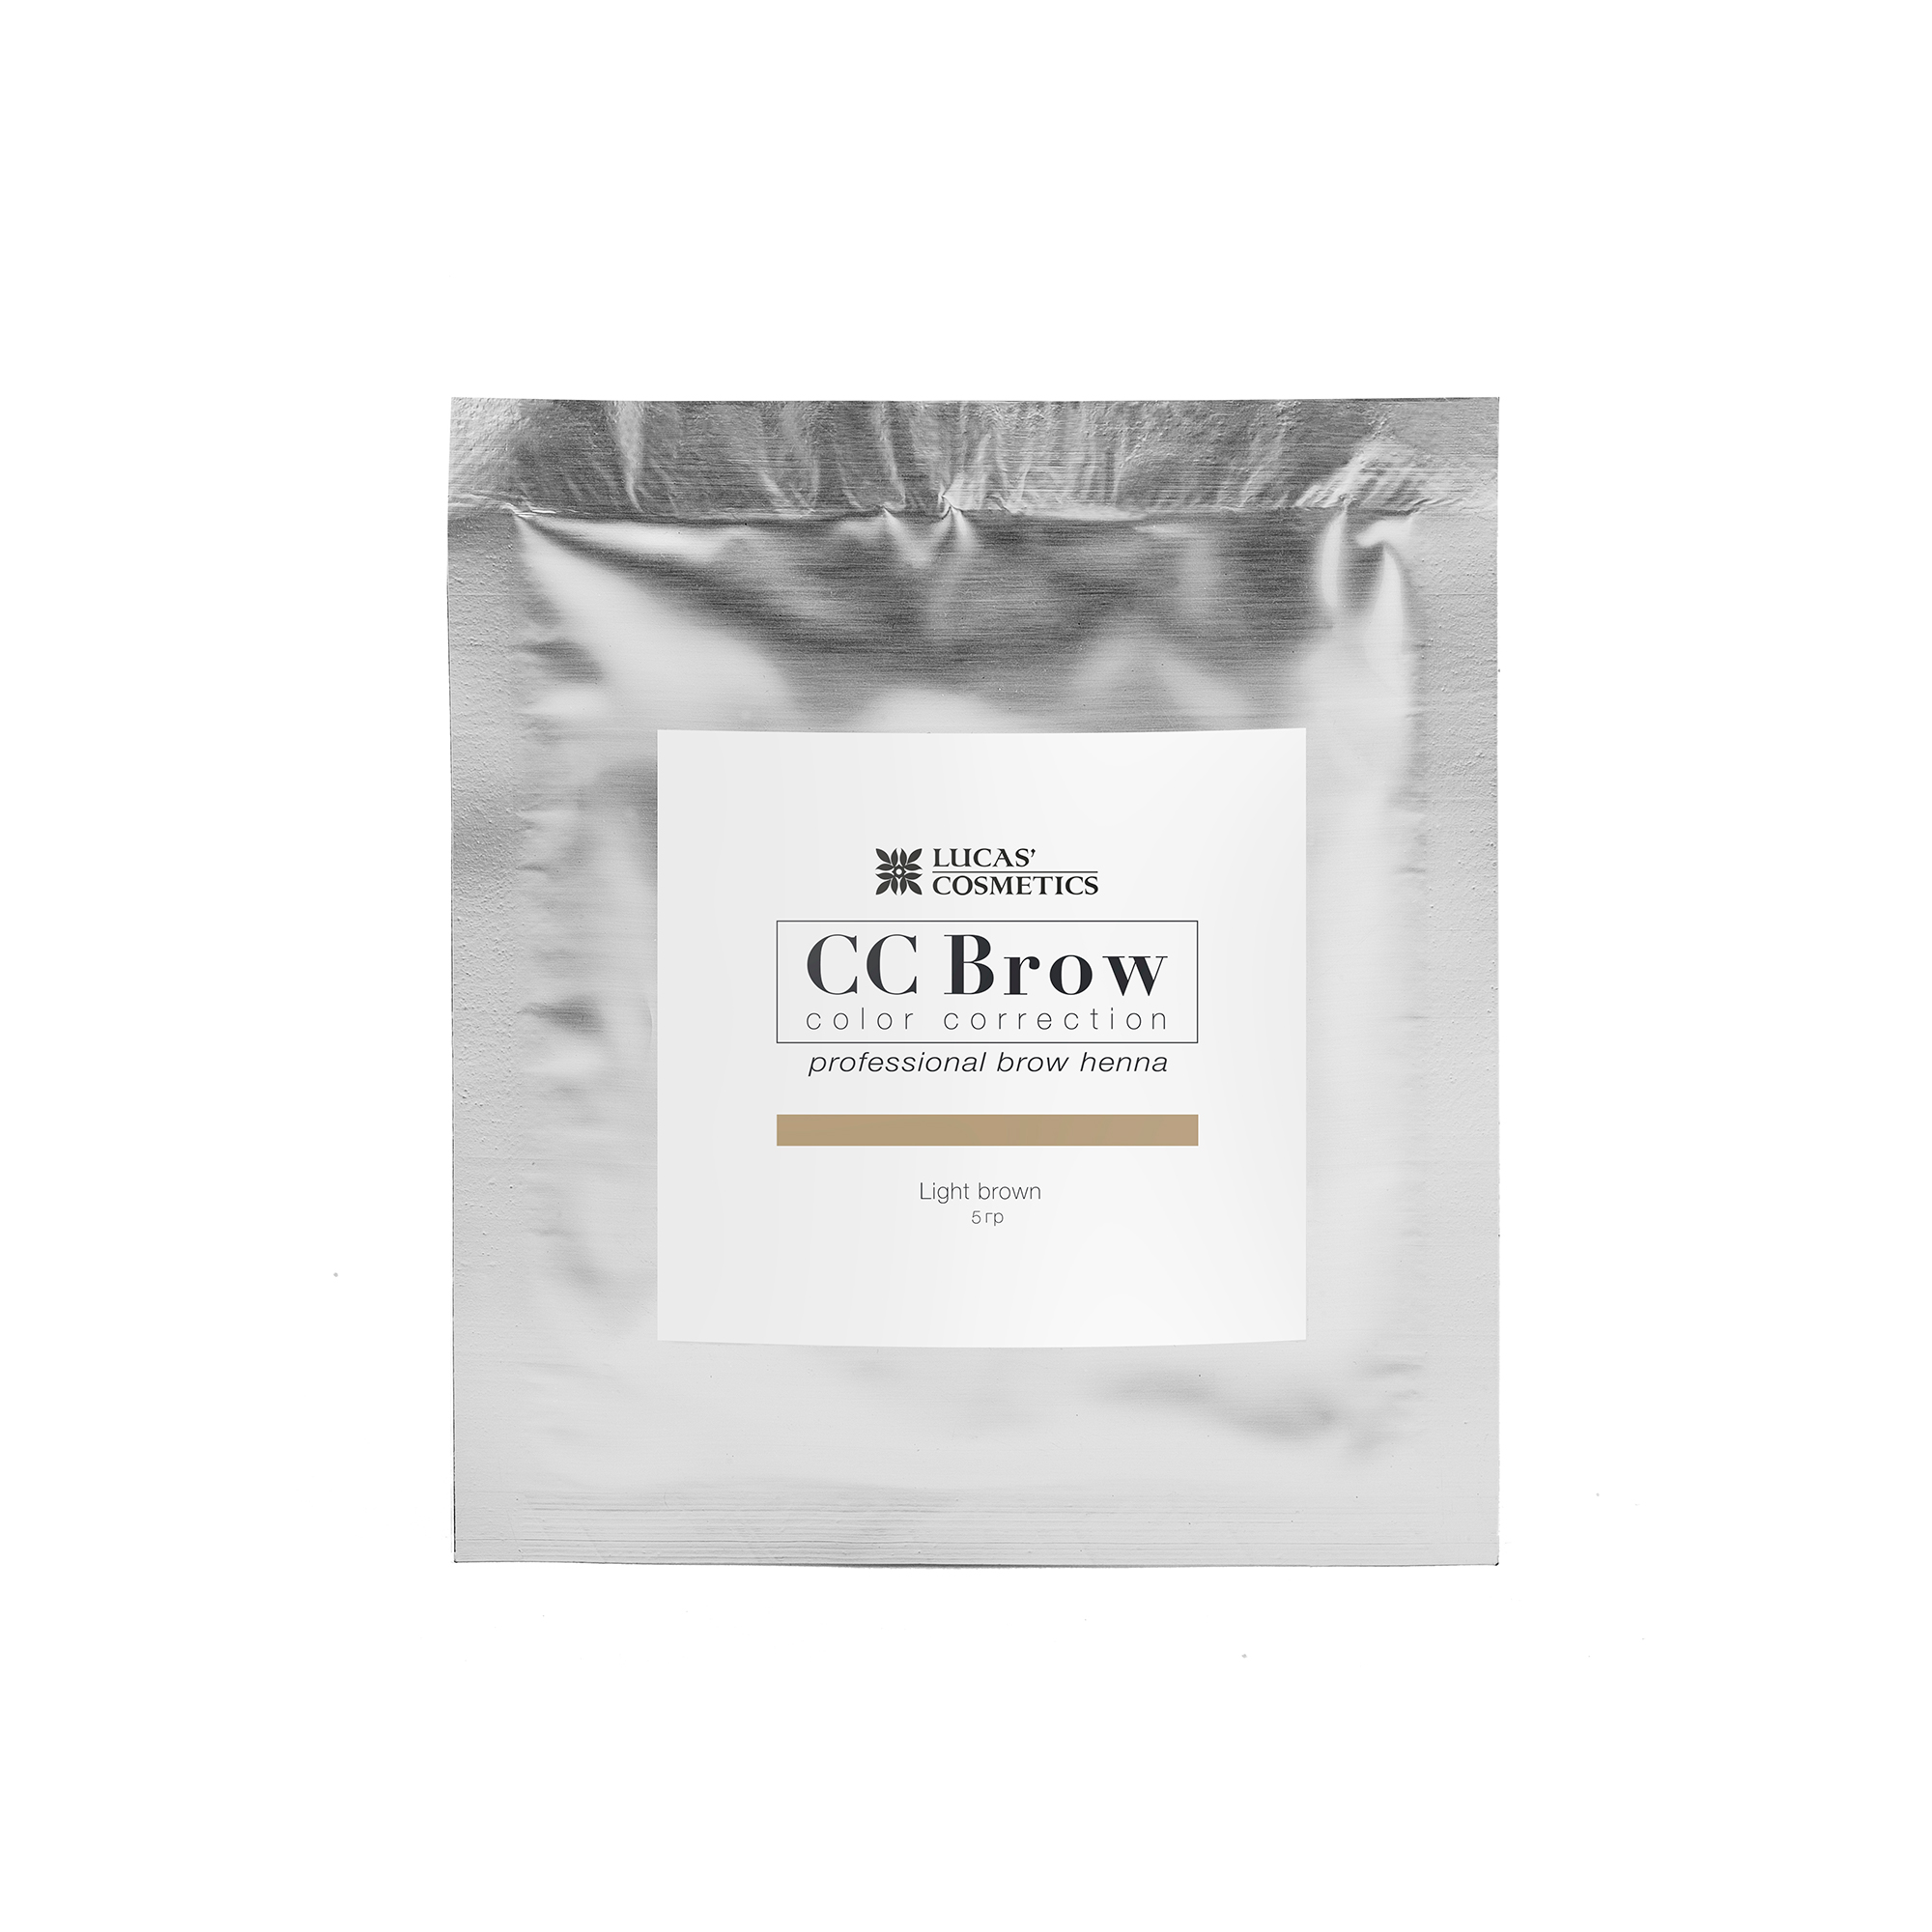 LUCAS' COSMETICS Хна для бровей, светло-коричневый (в саше) / CC Brow light brown 5 г - Хна для бровей